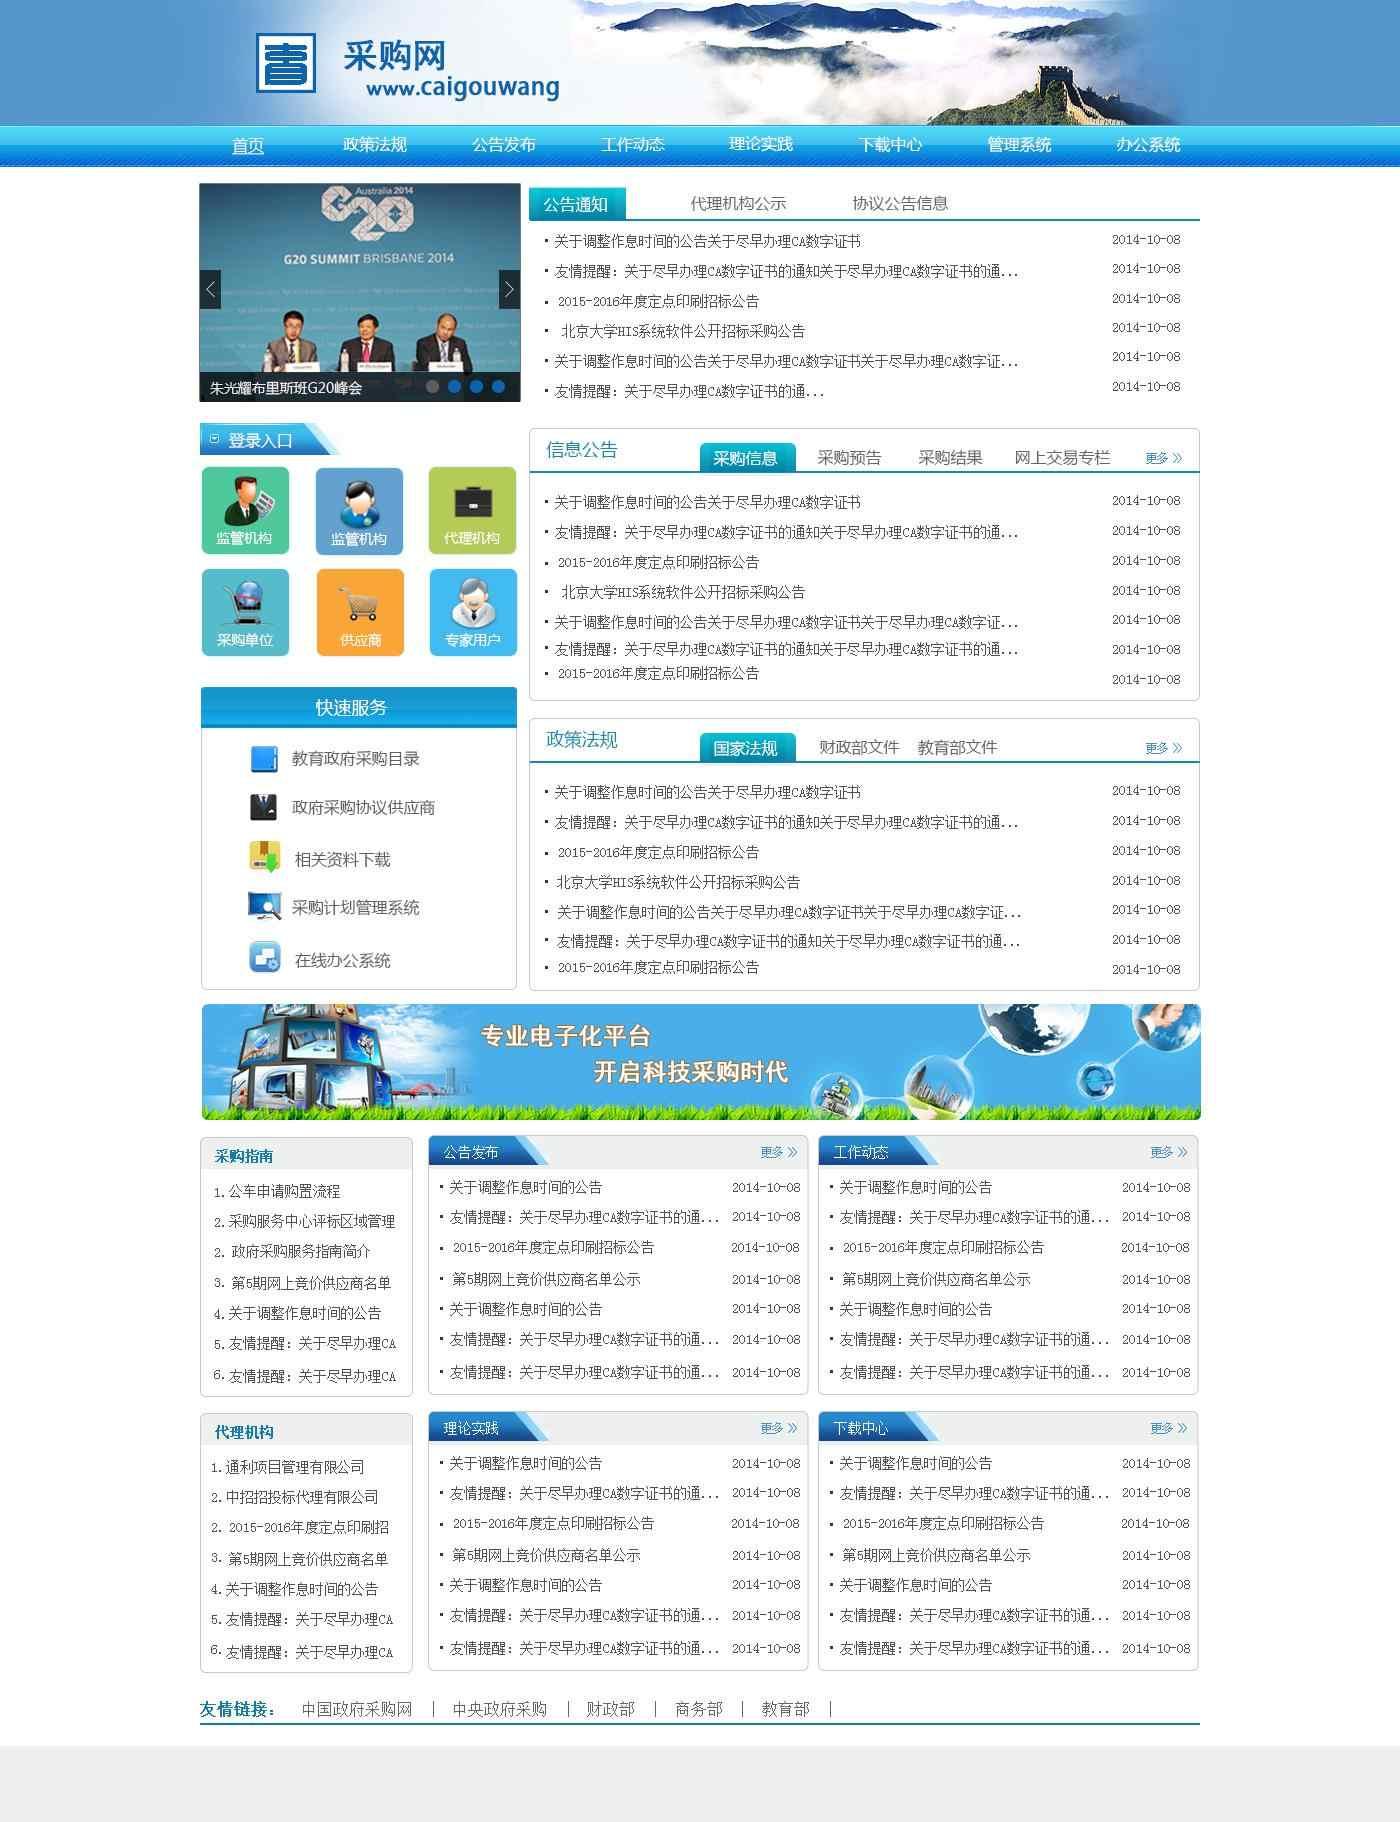 财经资讯类门户网站_学院.财经,门户类的网站